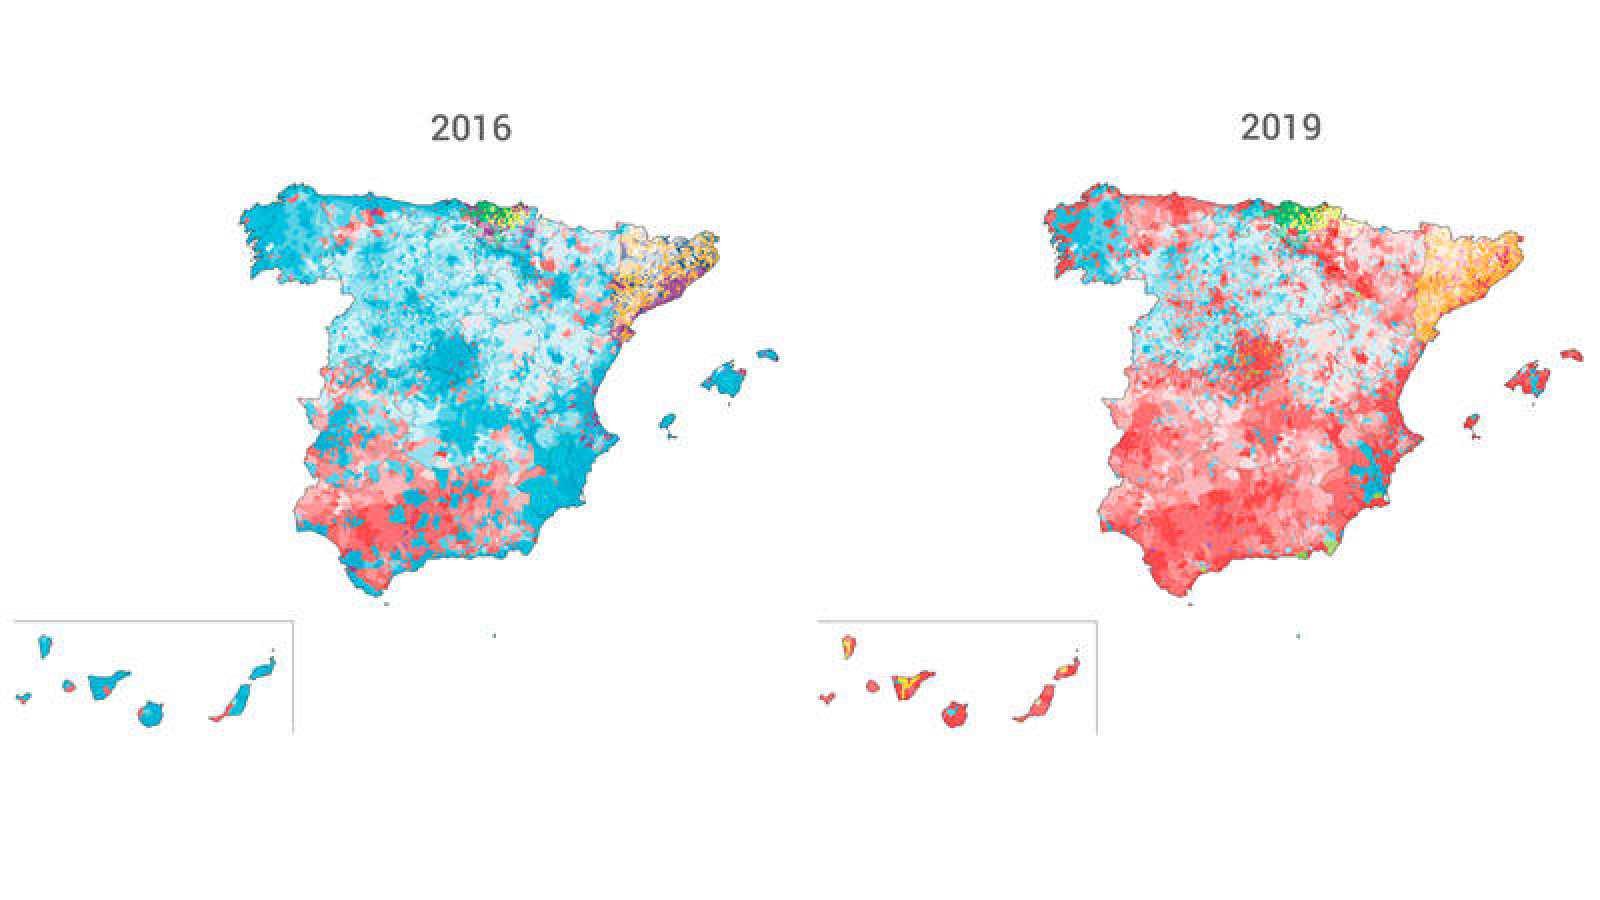 Asi Ha Cambiado El Mapa De Espana Por Municipios De 2016 A 2019